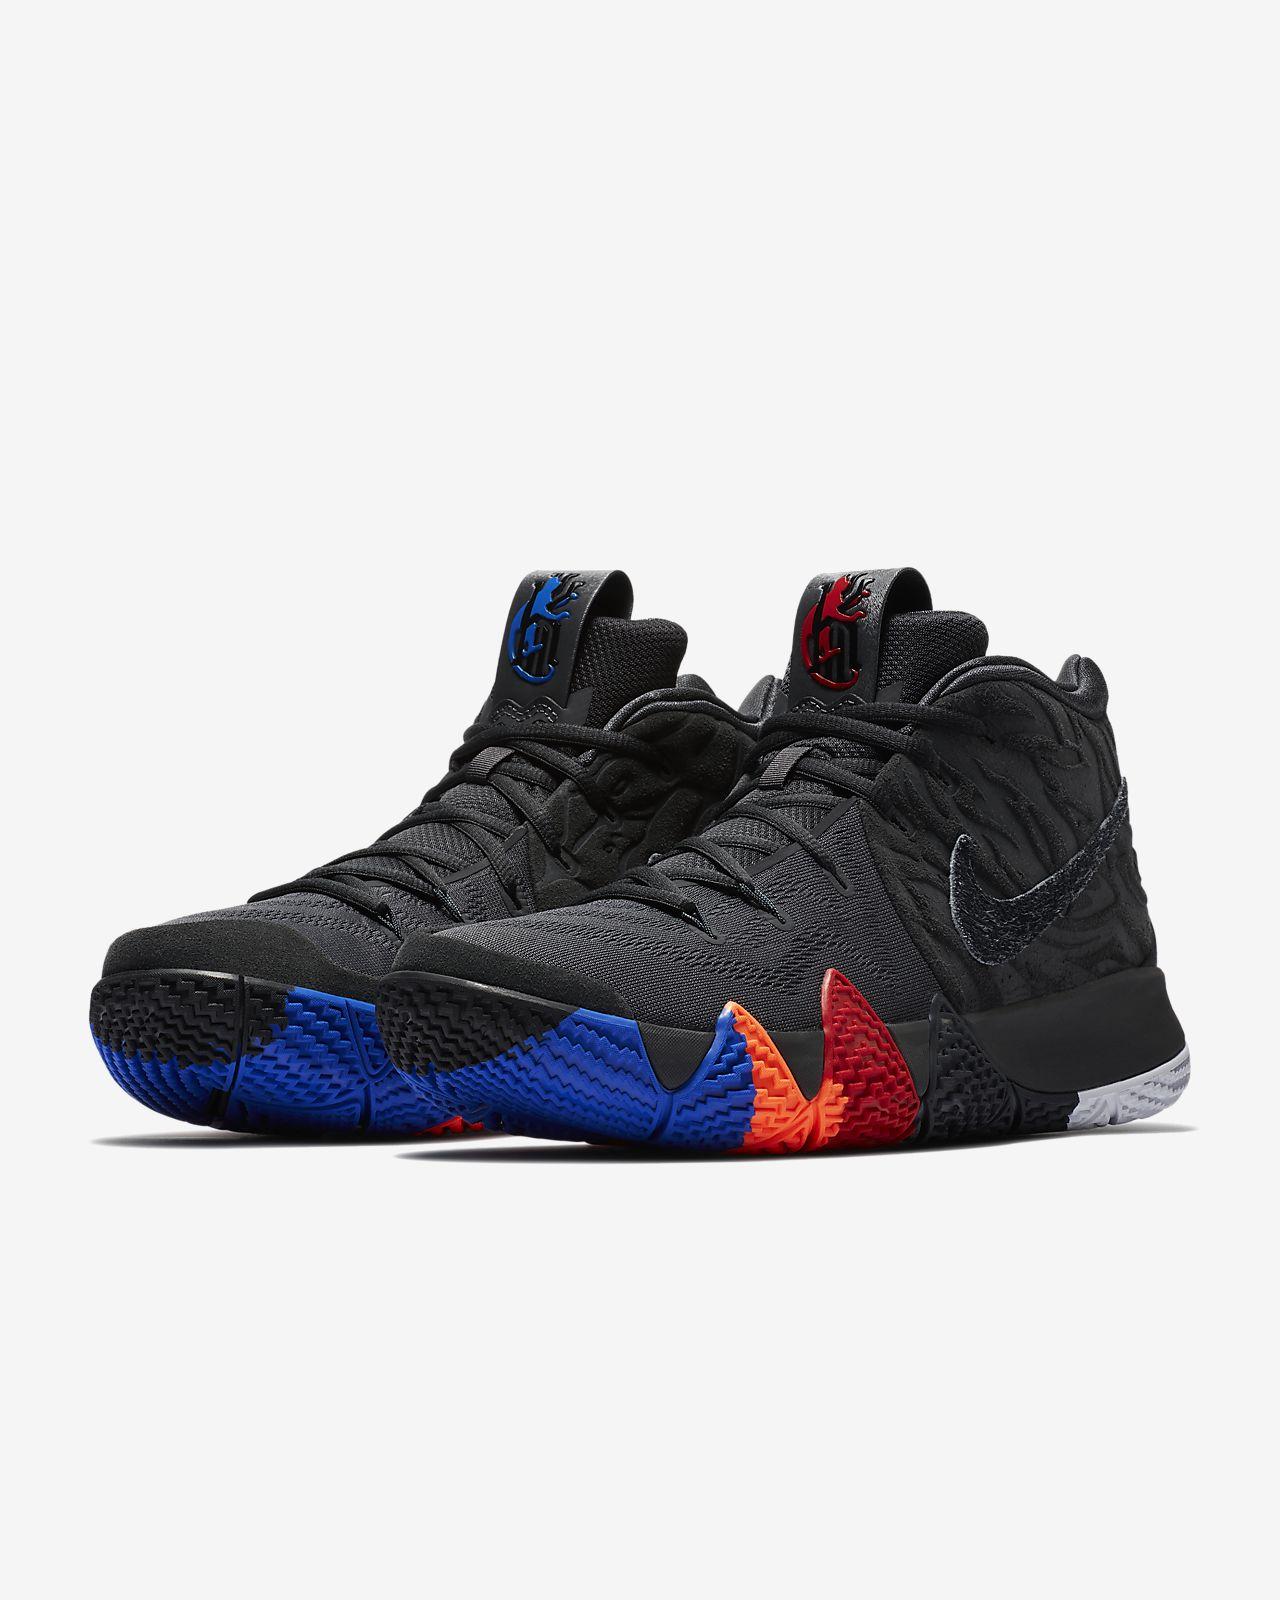 ac13f2e8f83 Kyrie 4 Zapatillas de baloncesto. Nike.com ES